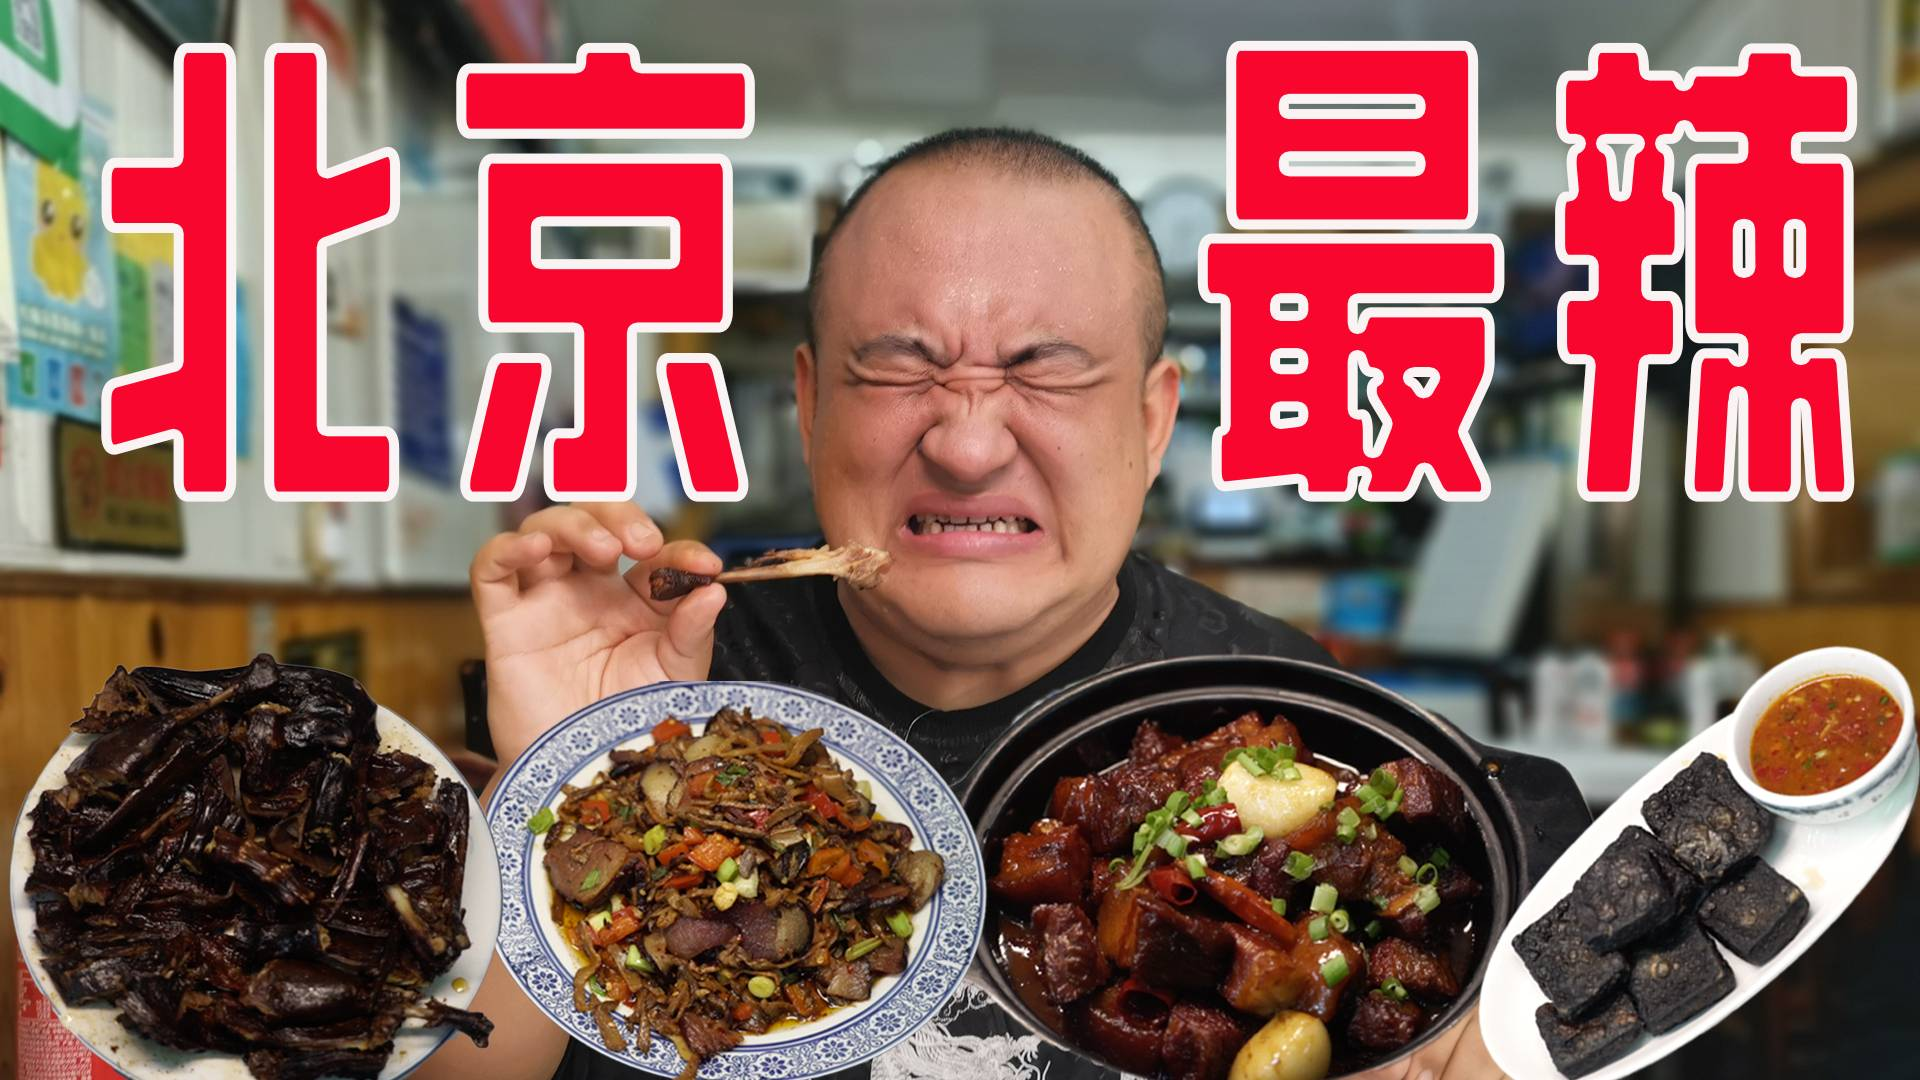 北京二环边的湘菜苍蝇馆,租金死贵,竟然人均50元就能吃饱!